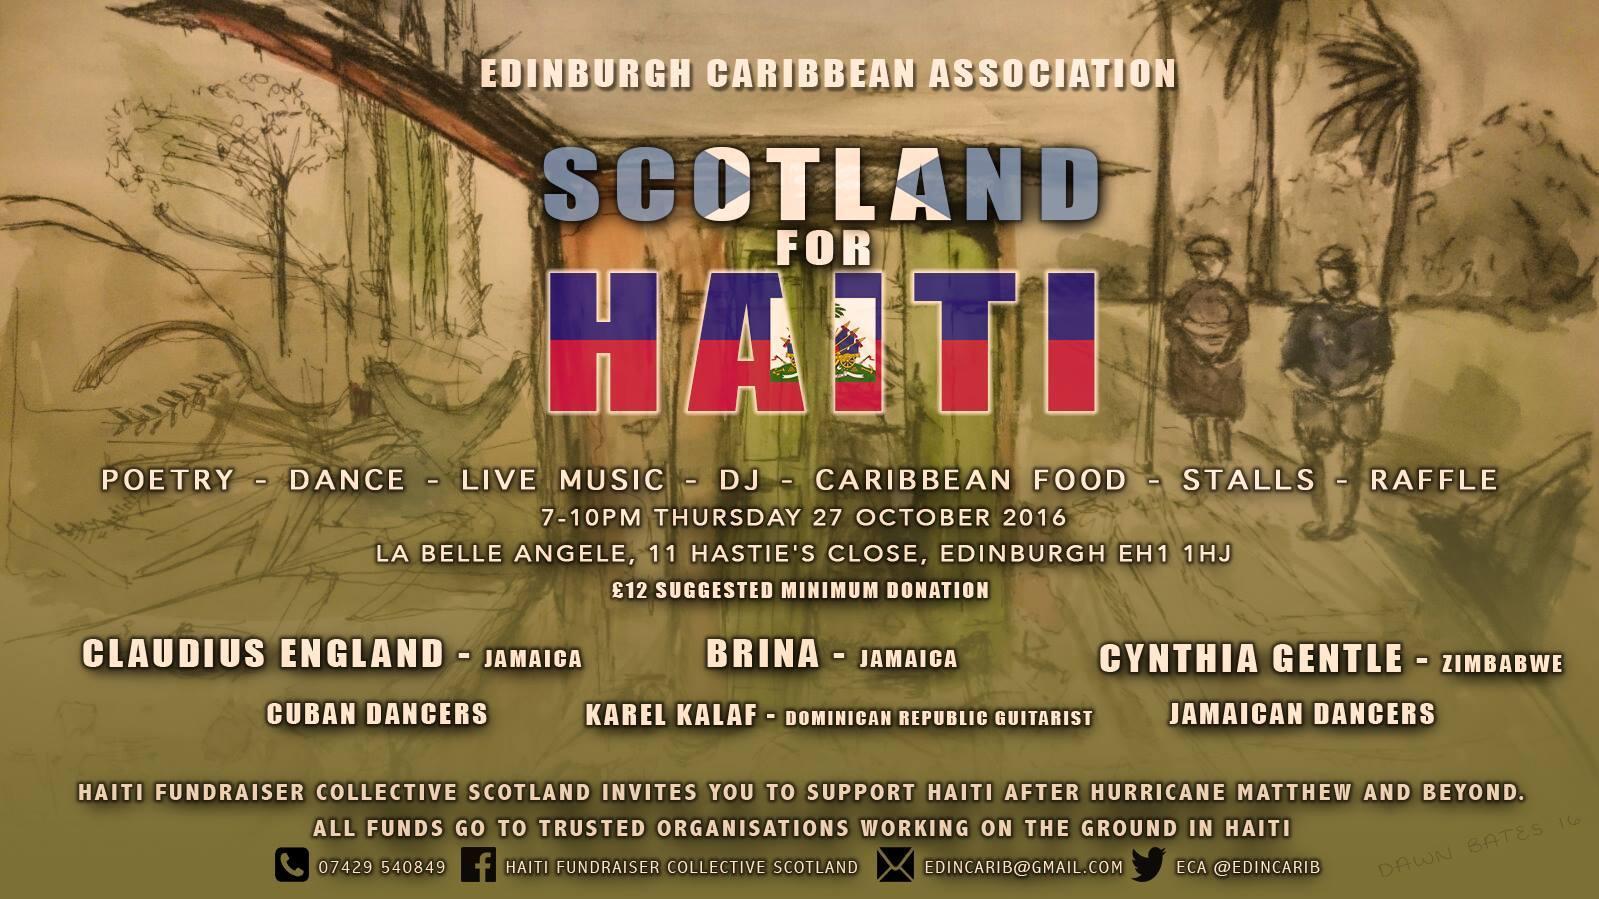 haiti_fundraiser_27_oct_2016-2